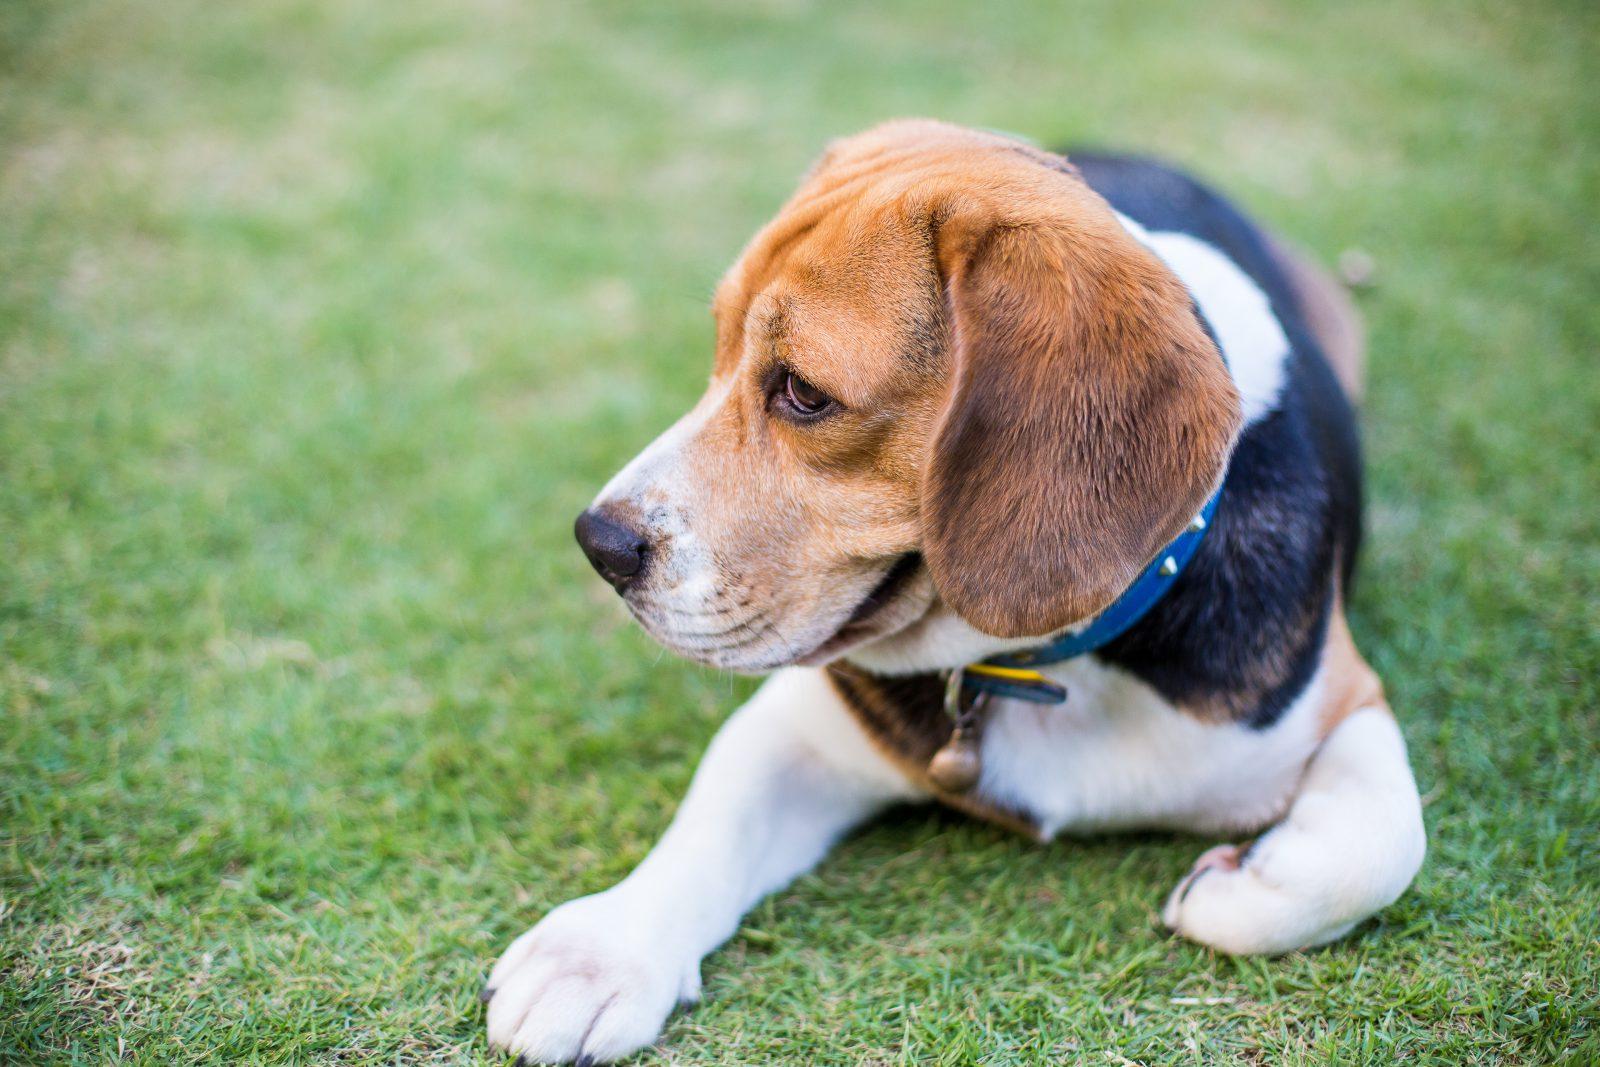 Raça de cachorro mais fiel: Beagle filhote brincando no gramado do jardim.